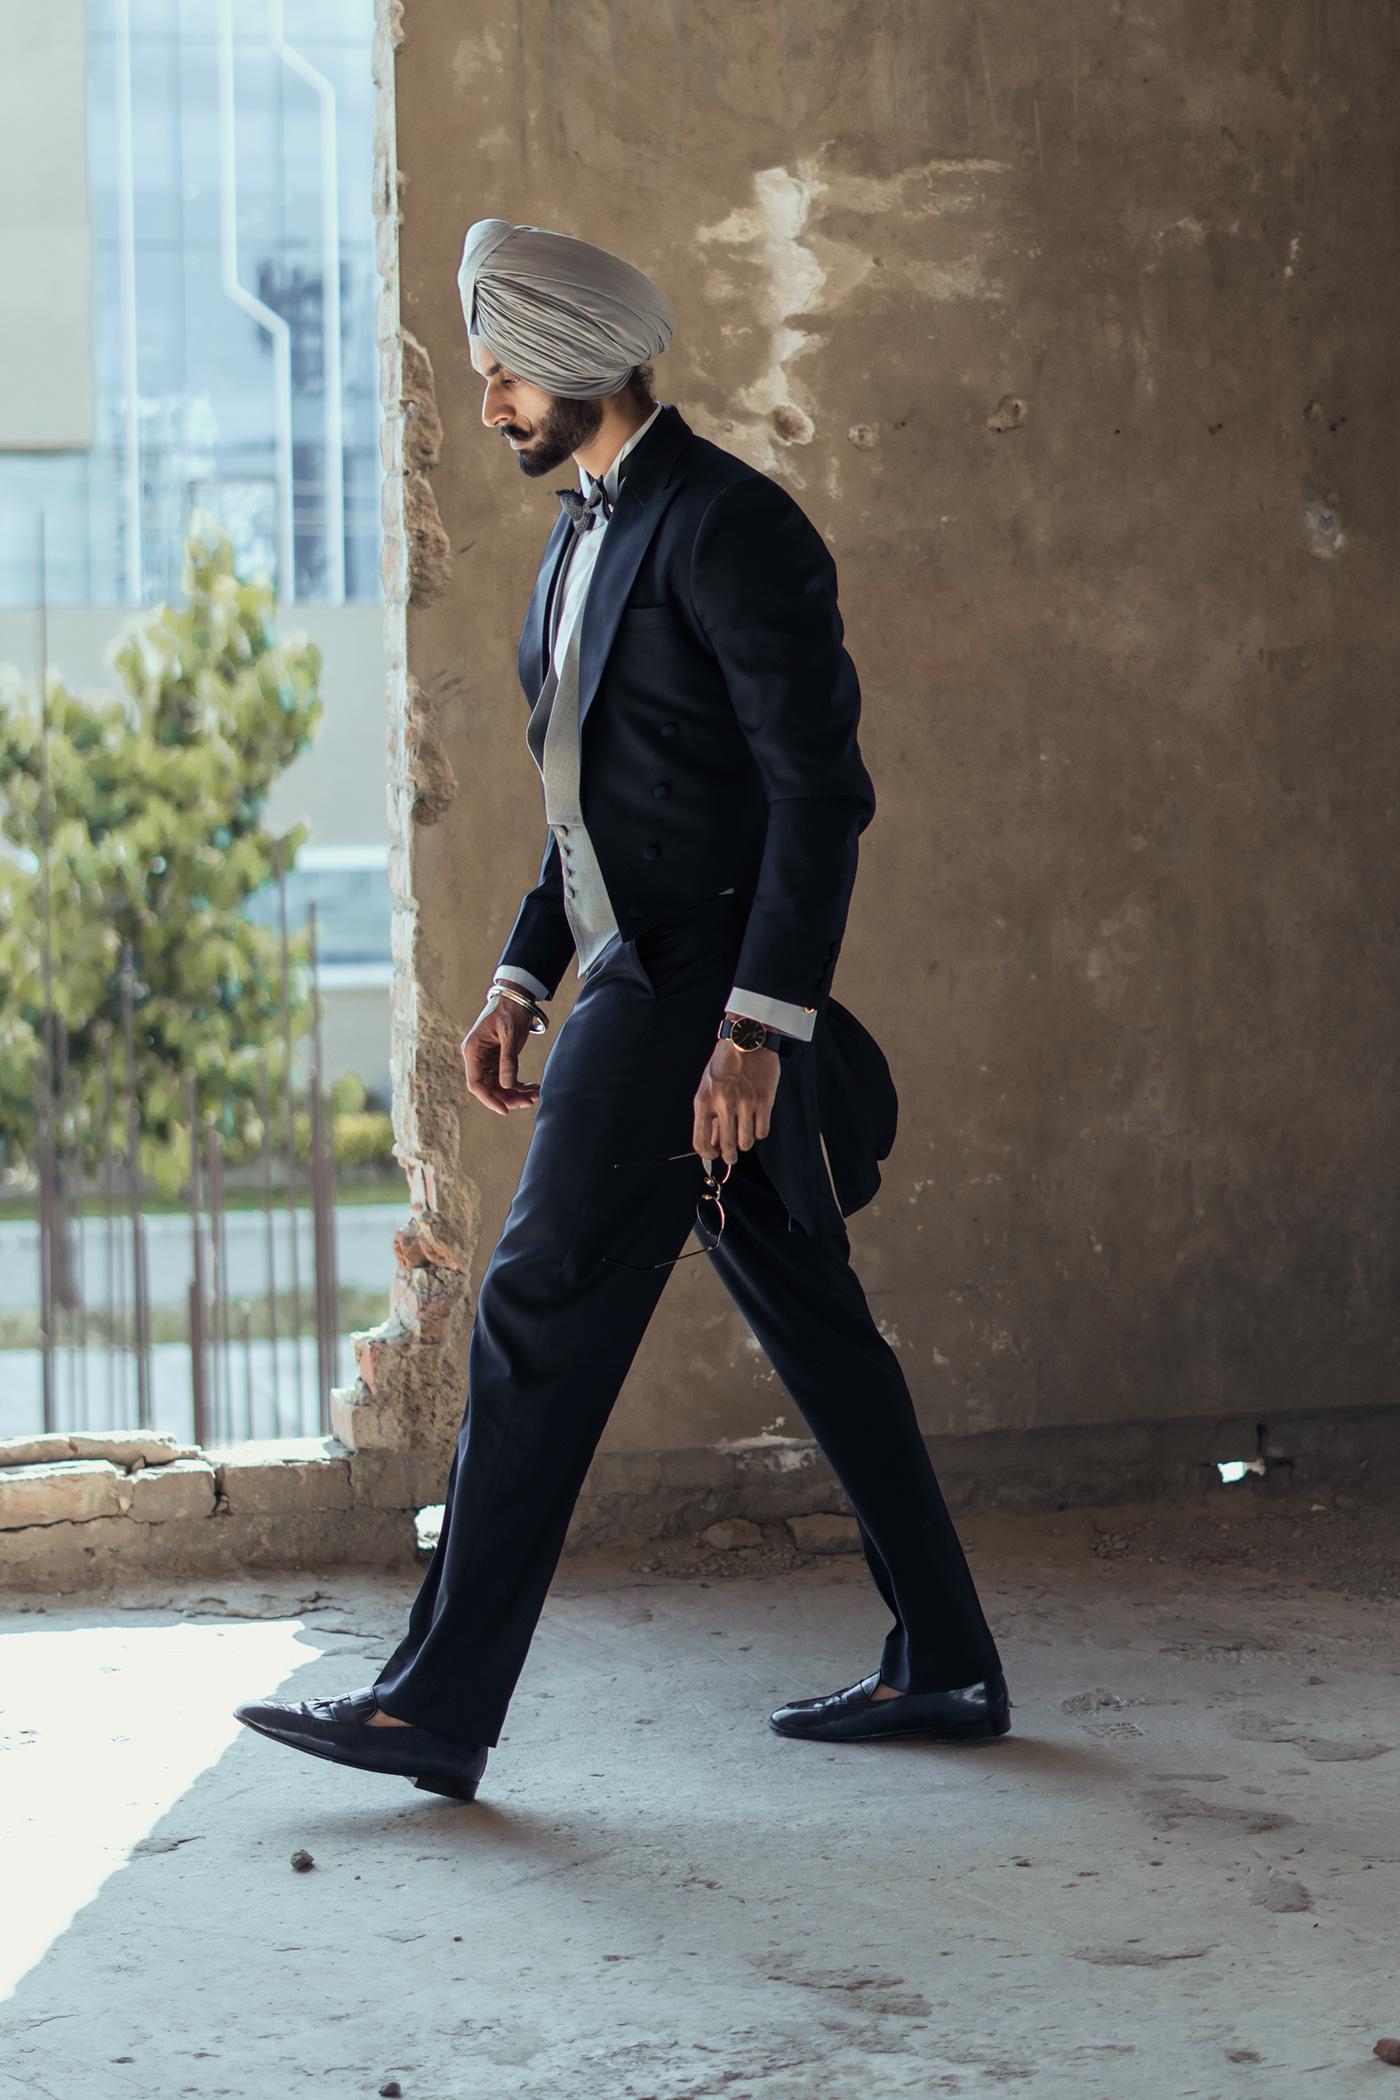 Photography  photoshoot photographer Chandigarh Fashion  men's clothing sikh model sardar India Photographer